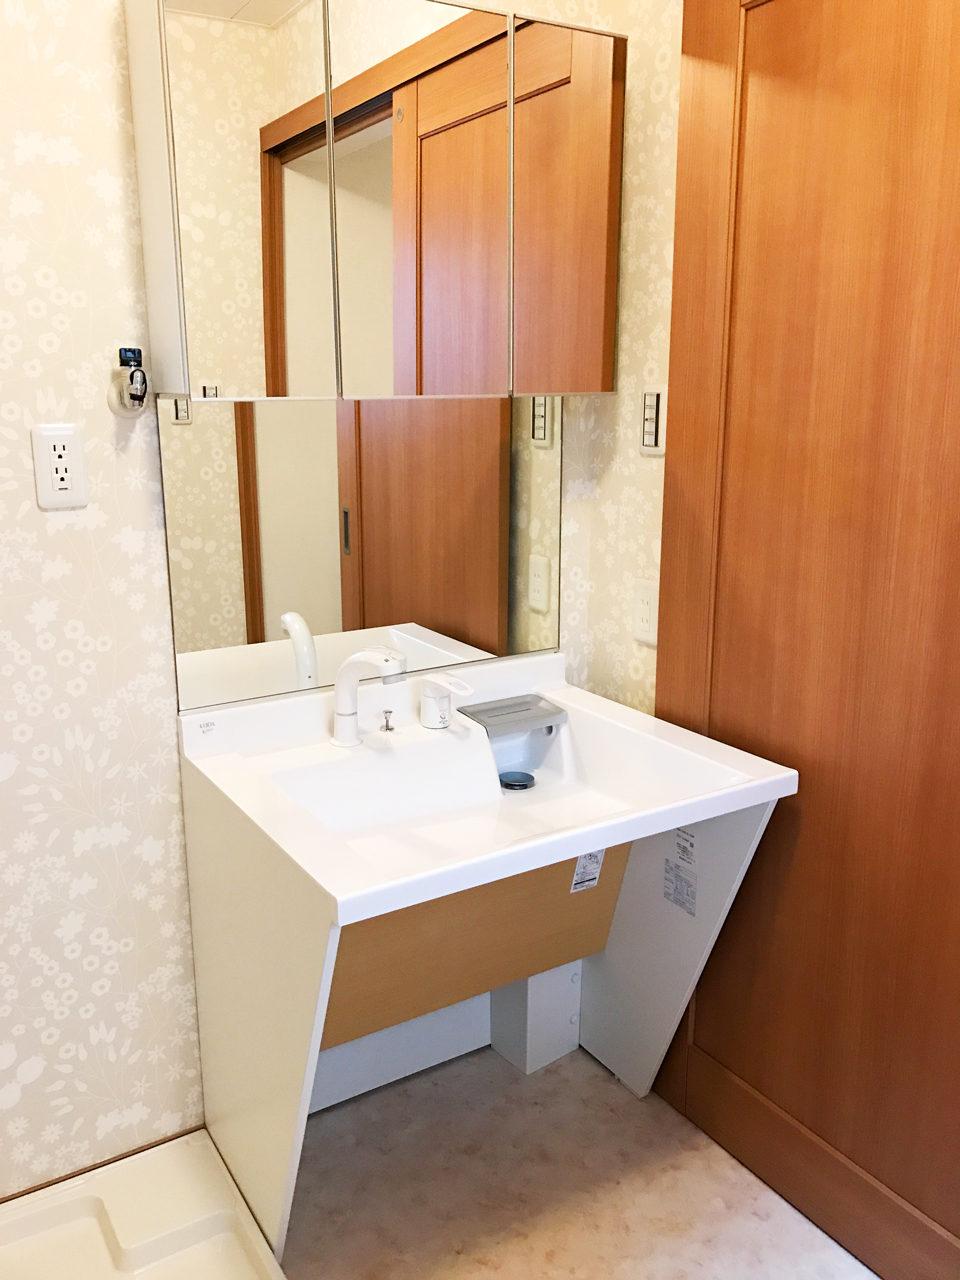 設計・デザインをさせていただいた木造平屋建てバリアフリー住宅の車椅子対応洗面化粧台